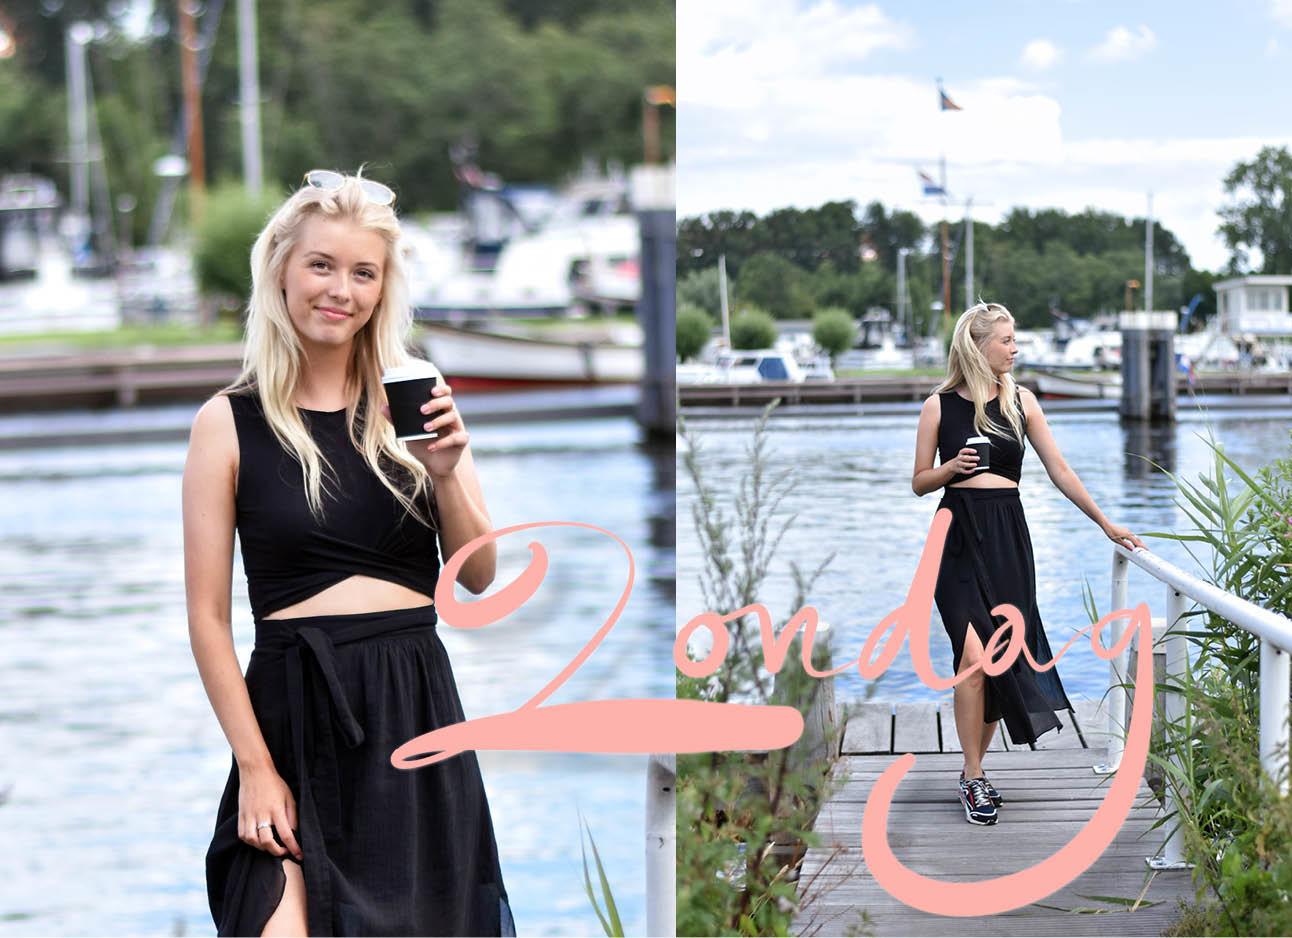 annabelle van hardeveld in de look of the day met een zwart cut our jurk, koffie op een steiger met water op de achtergrond